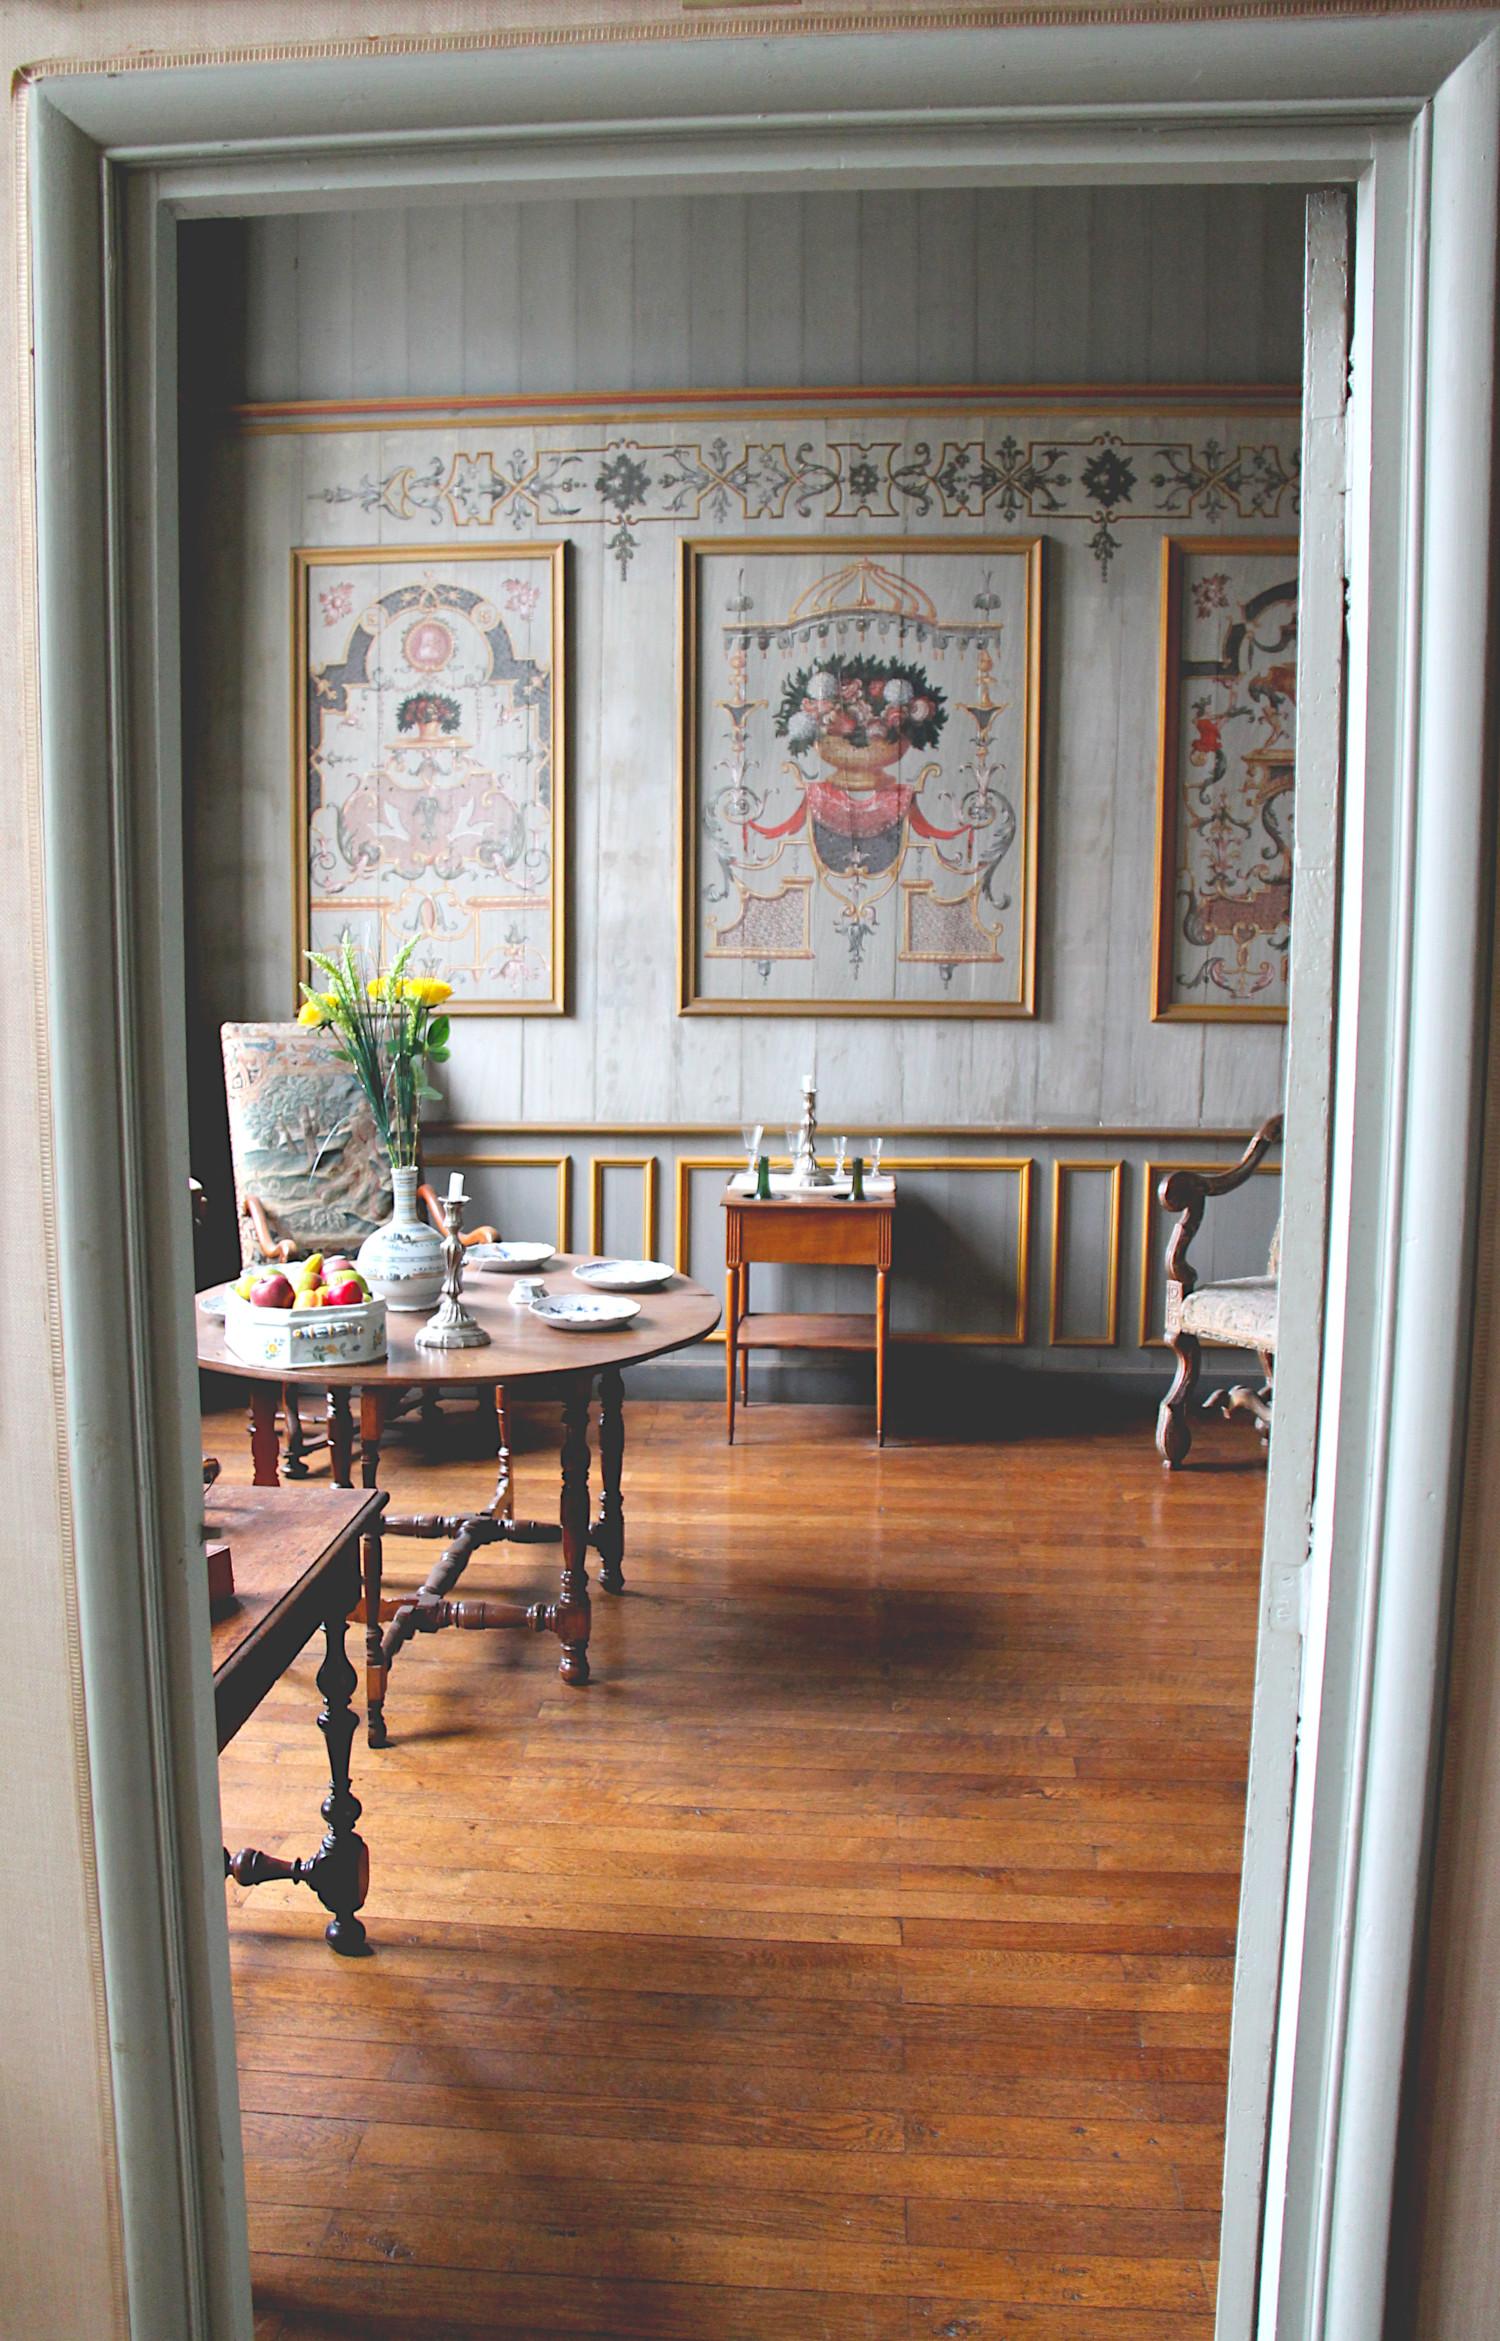 Salle Tonnay-Charente au musée Dupuy-Mestreau de Saintes